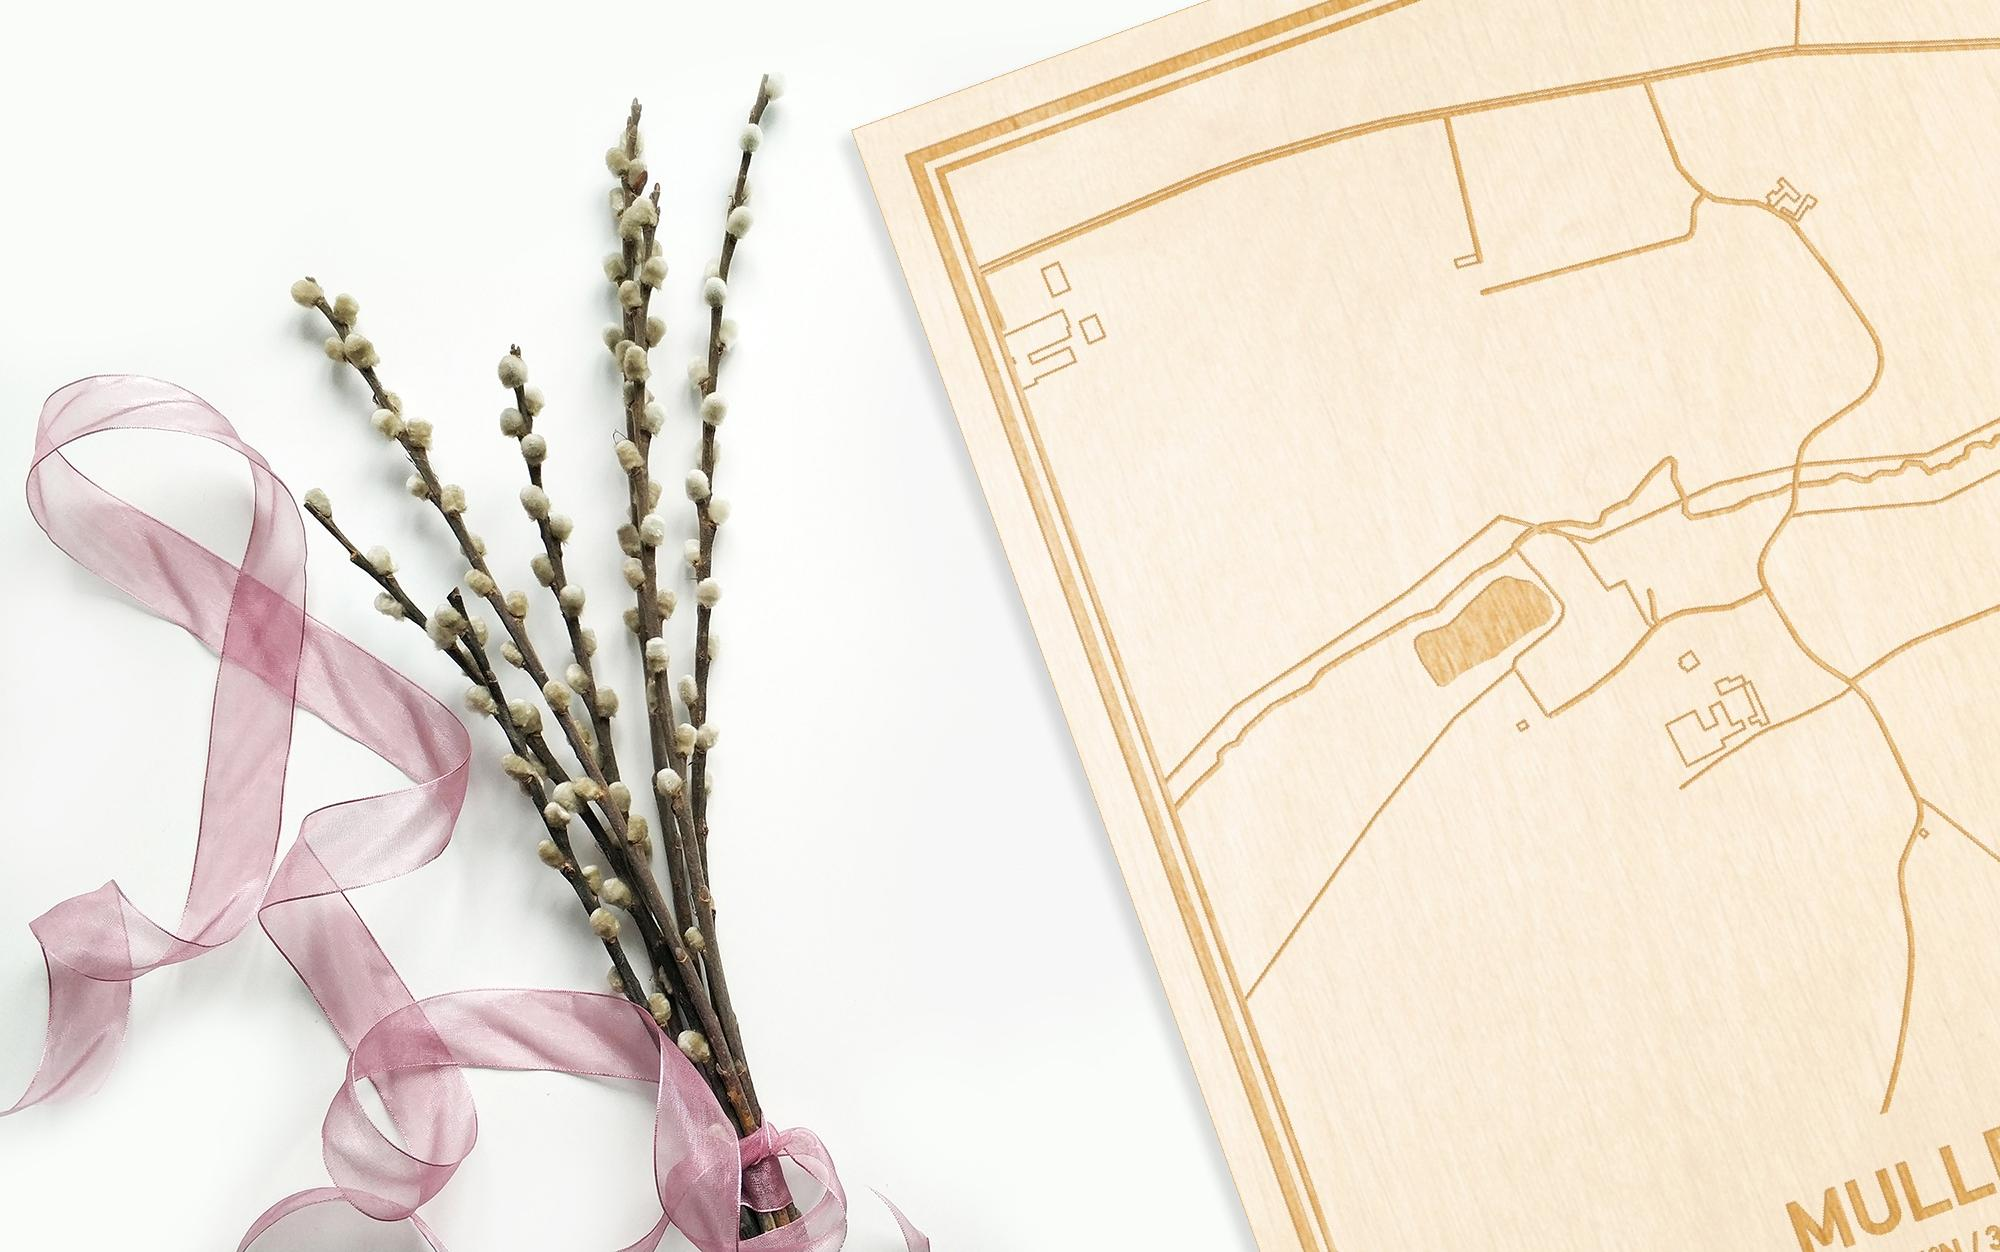 Hier ligt de houten plattegrond Mullem naast een bloemetje als gepersonaliseerd cadeau voor haar.